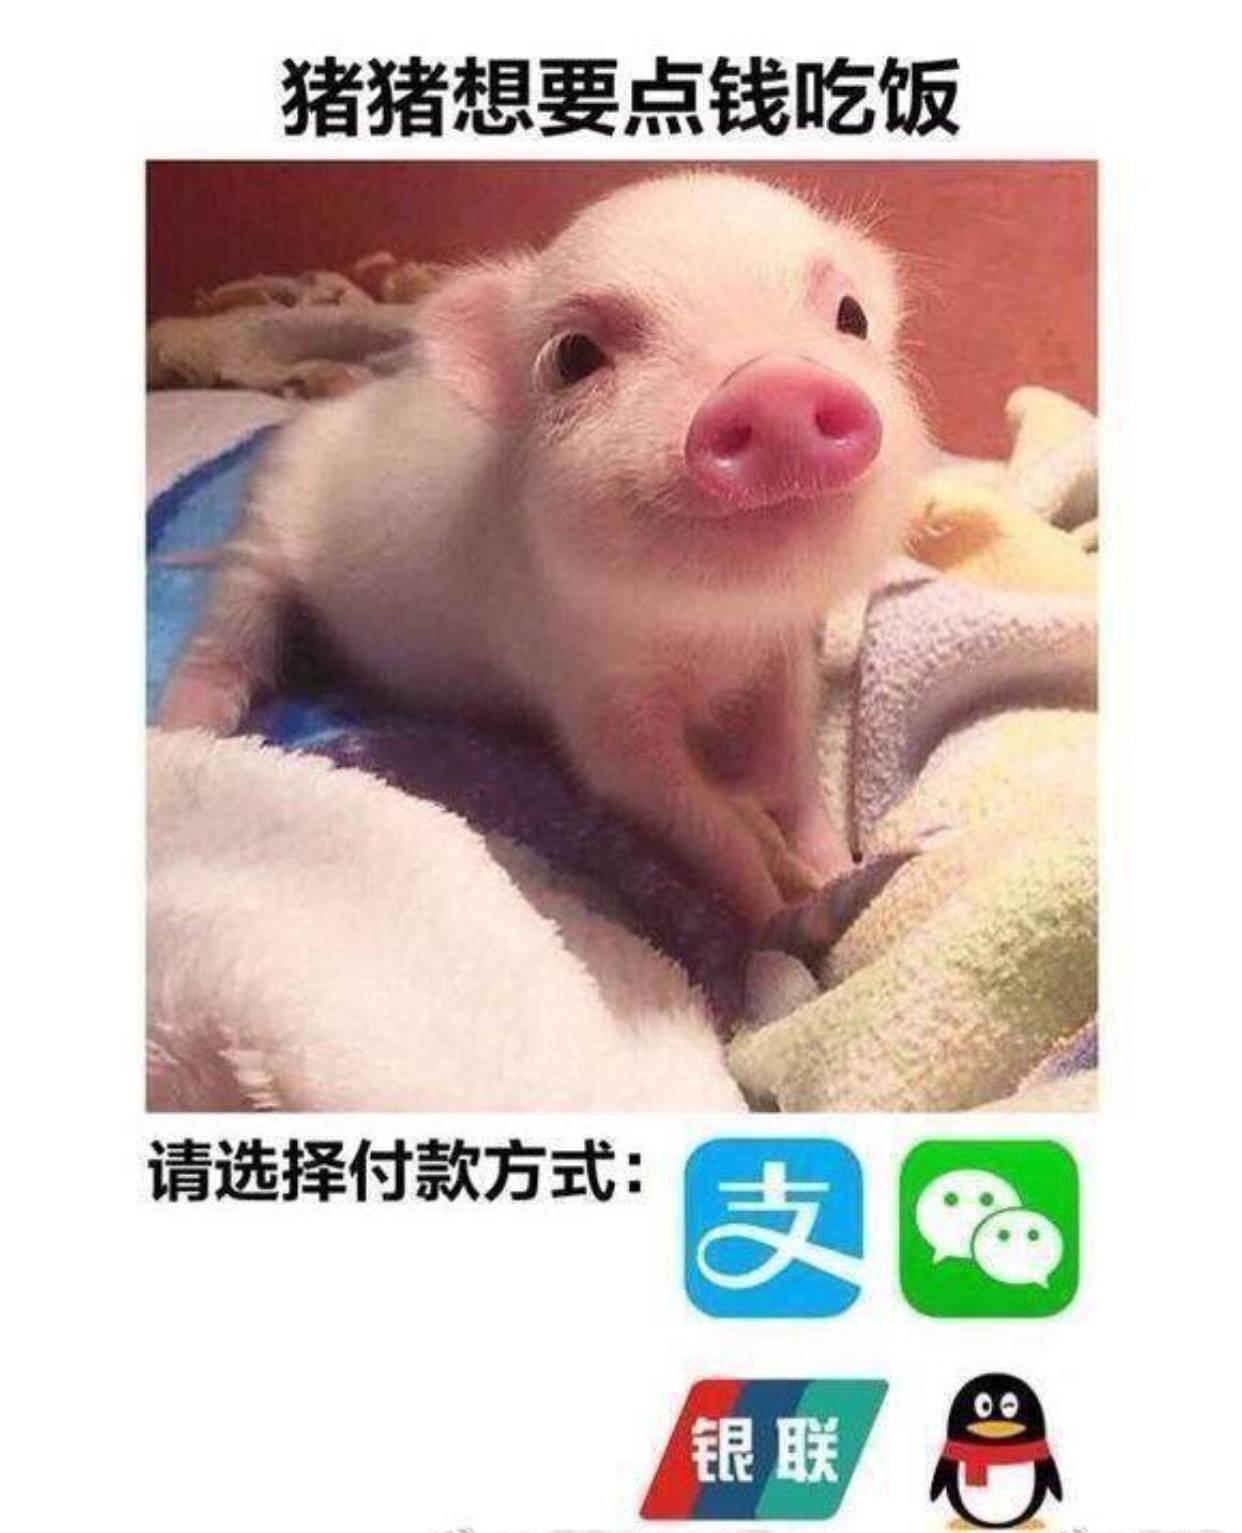 饥饿的猪图片可爱